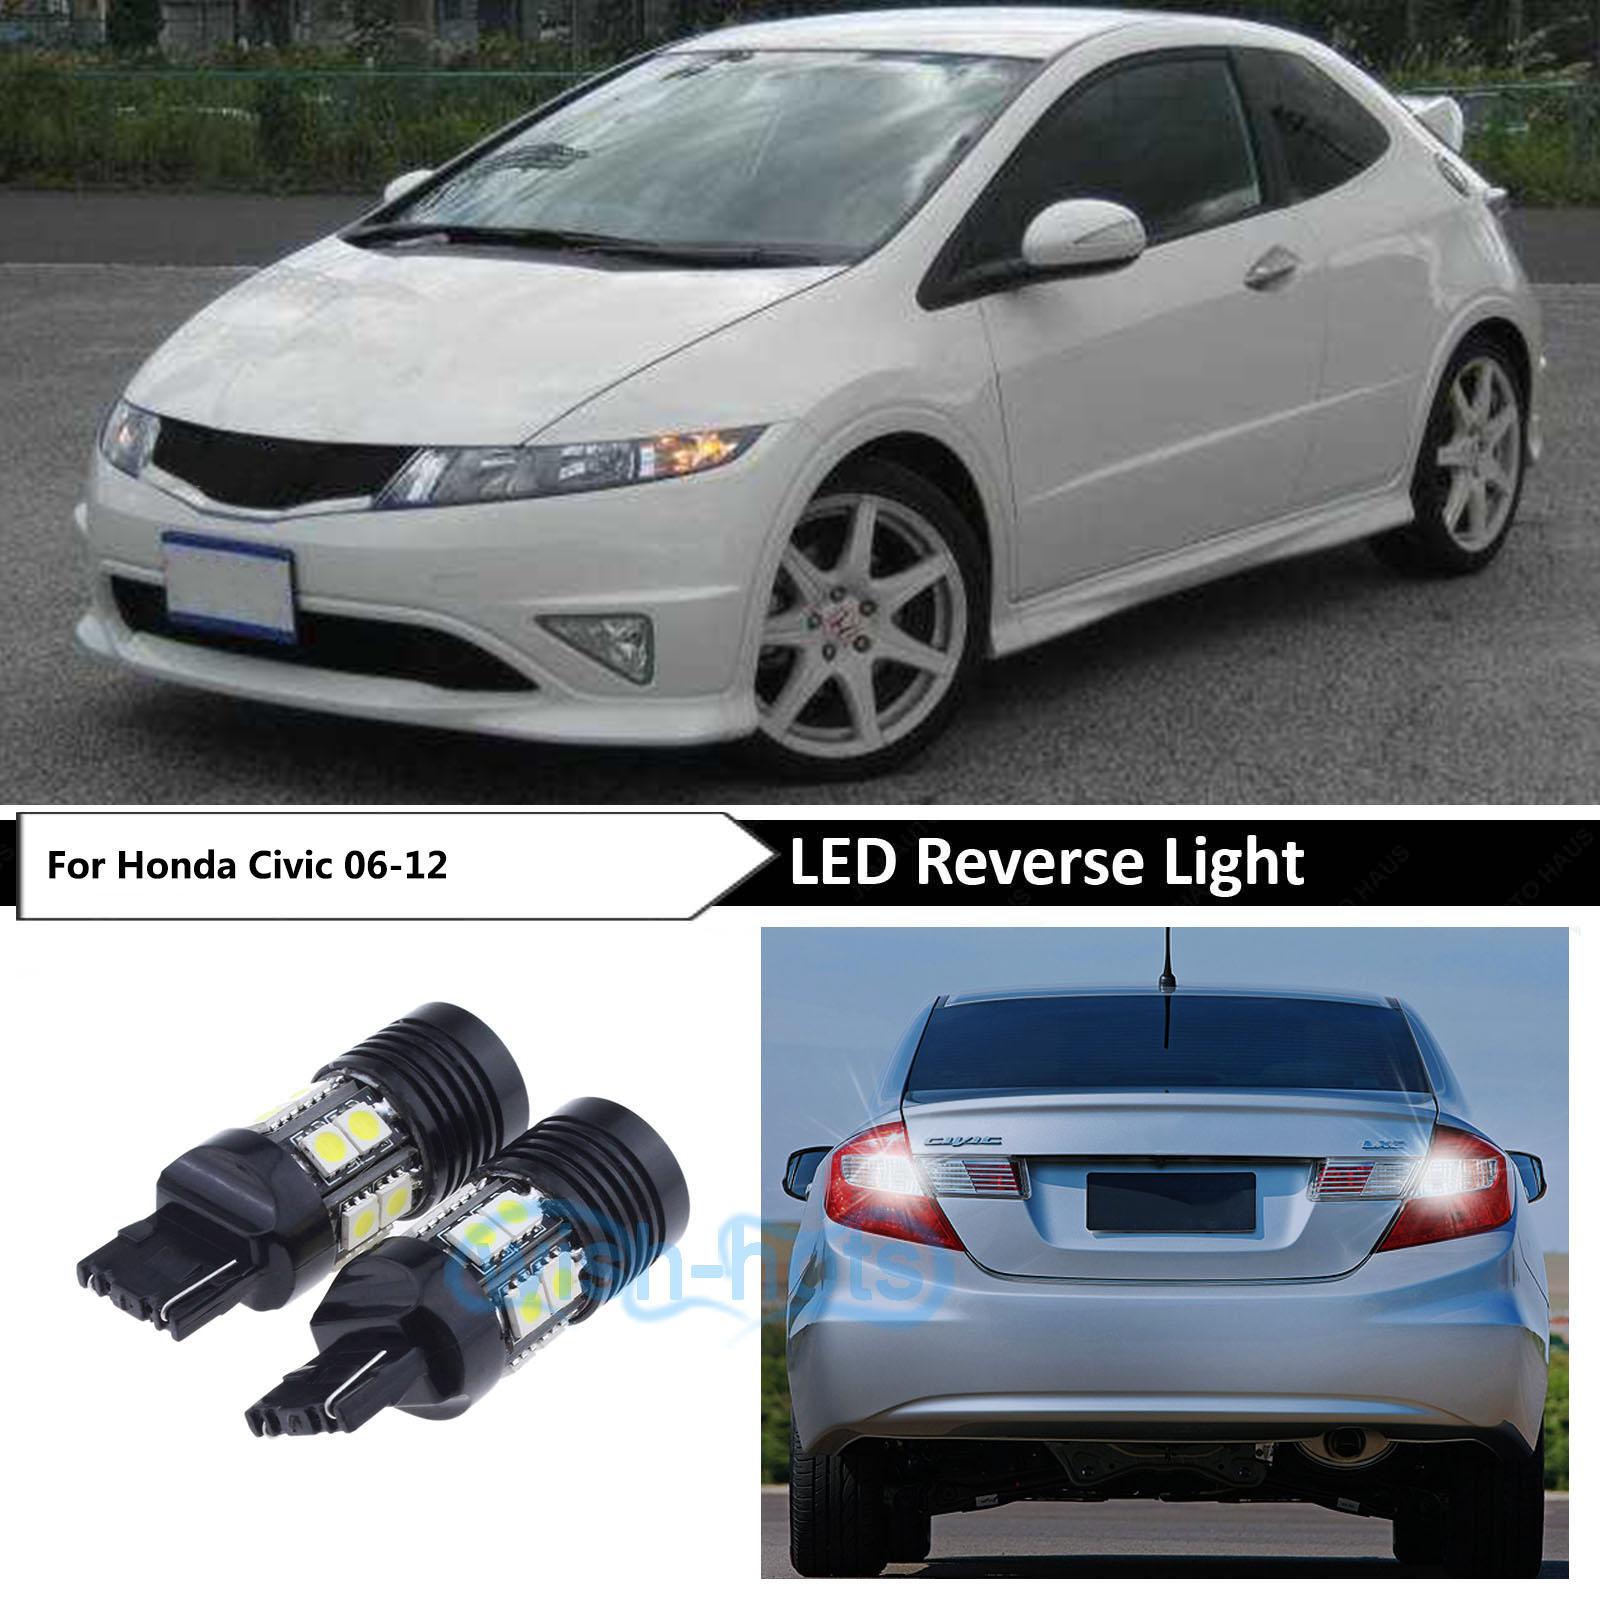 Details About Bright White Reverse Backup Led Light Bulbs Lamp Fit Honda Civic 2006 2017 Sedan